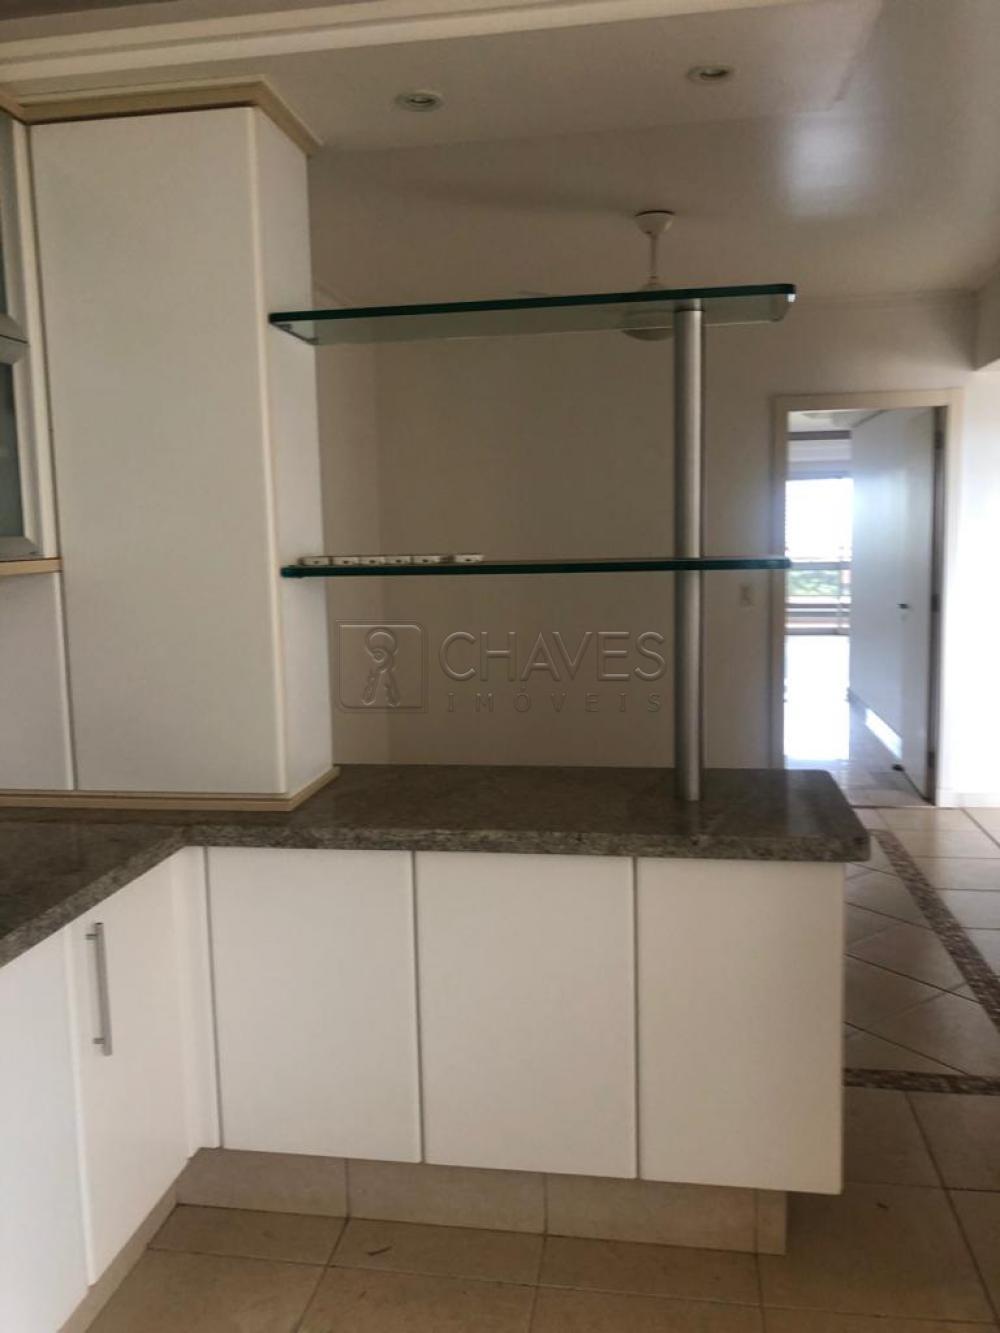 Comprar Apartamento / Padrão em Ribeirão Preto R$ 1.400.000,00 - Foto 5